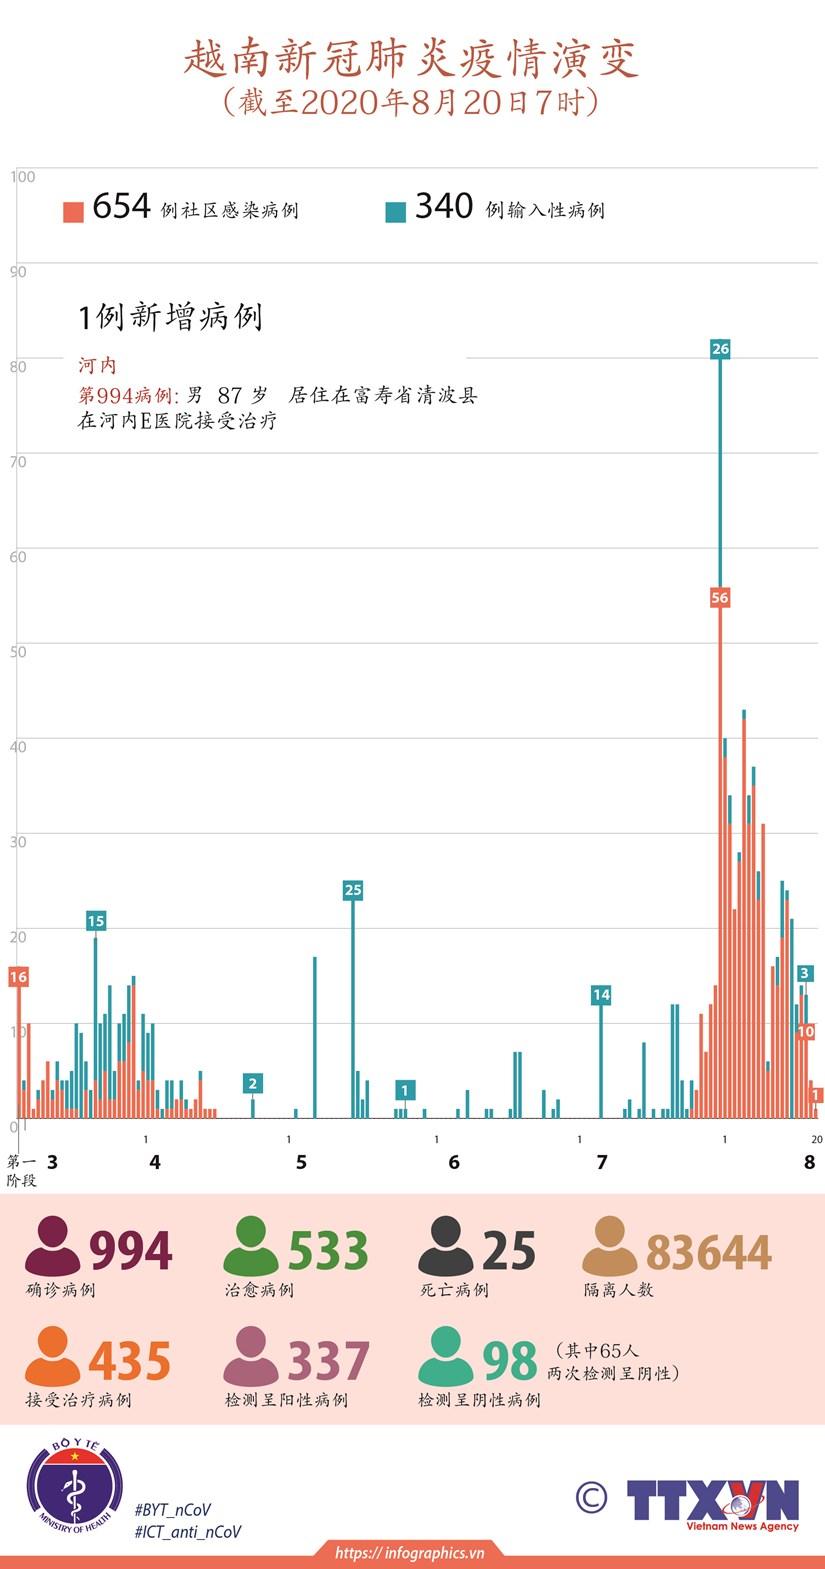 图表新闻:越南新冠肺炎疫情演变 hinh anh 1